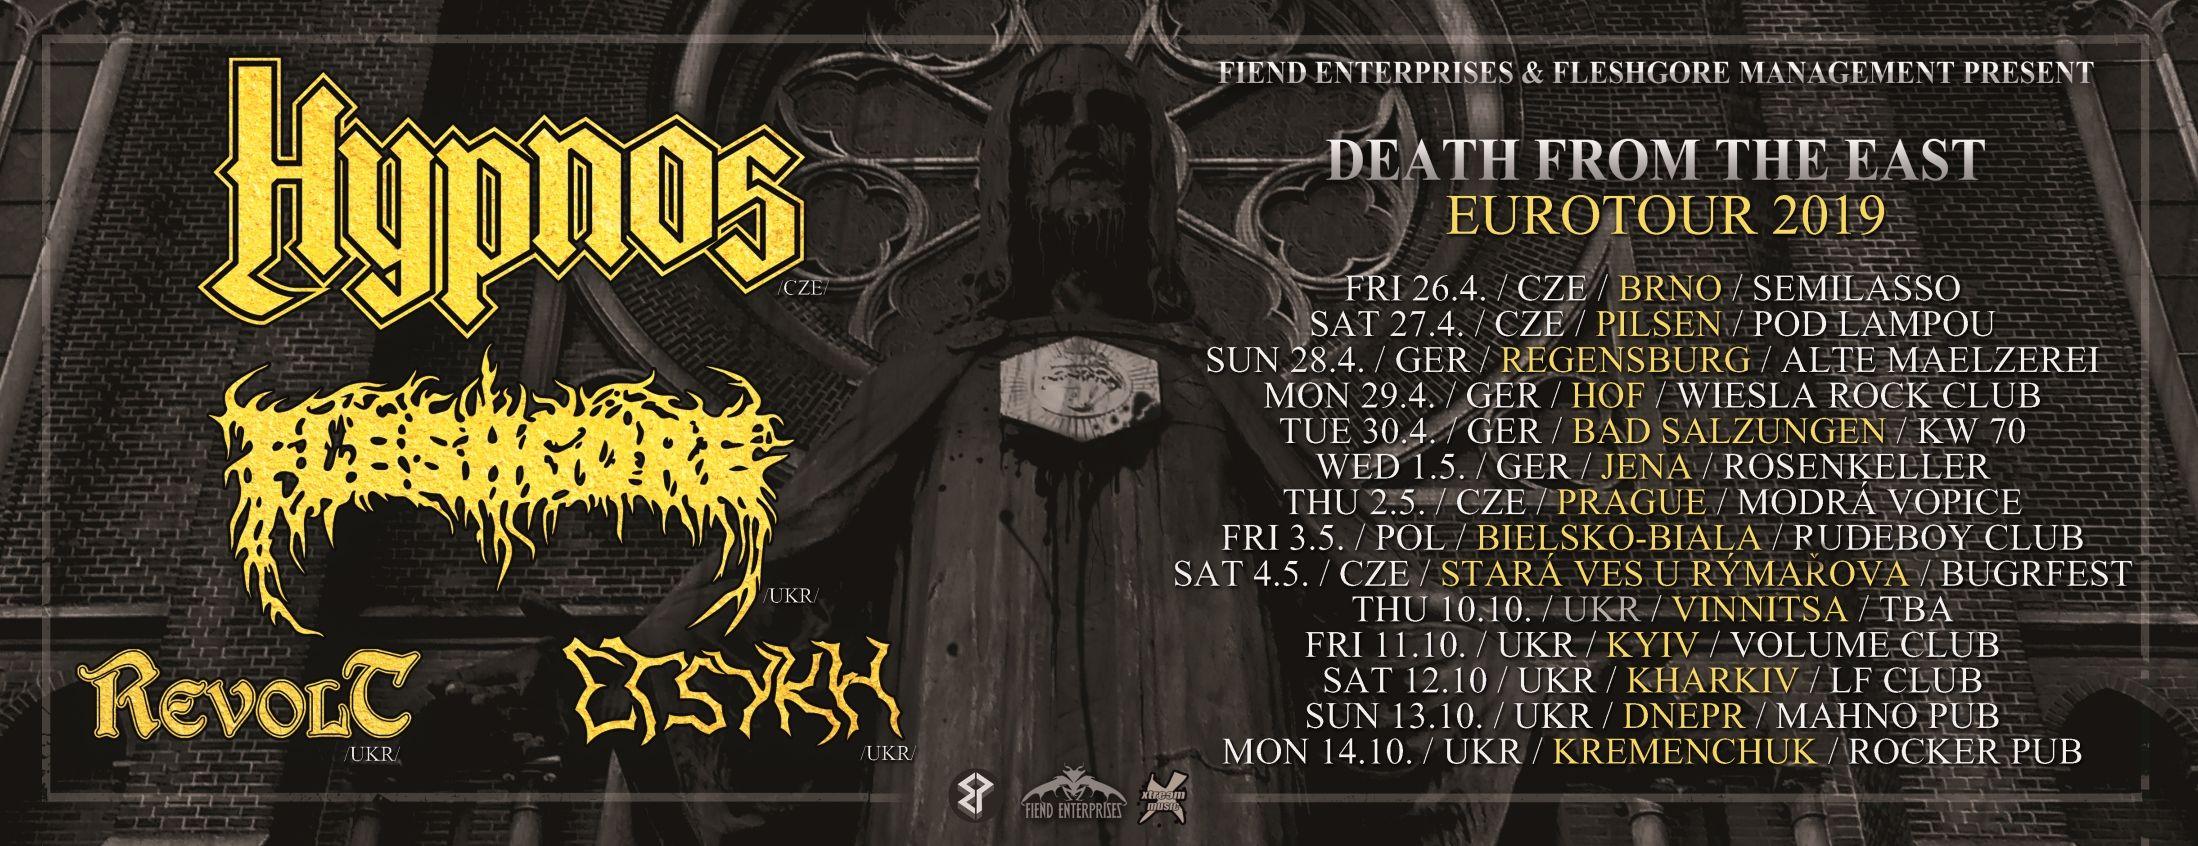 Tourplakat von Hypnos auf Death from the East tour 2019